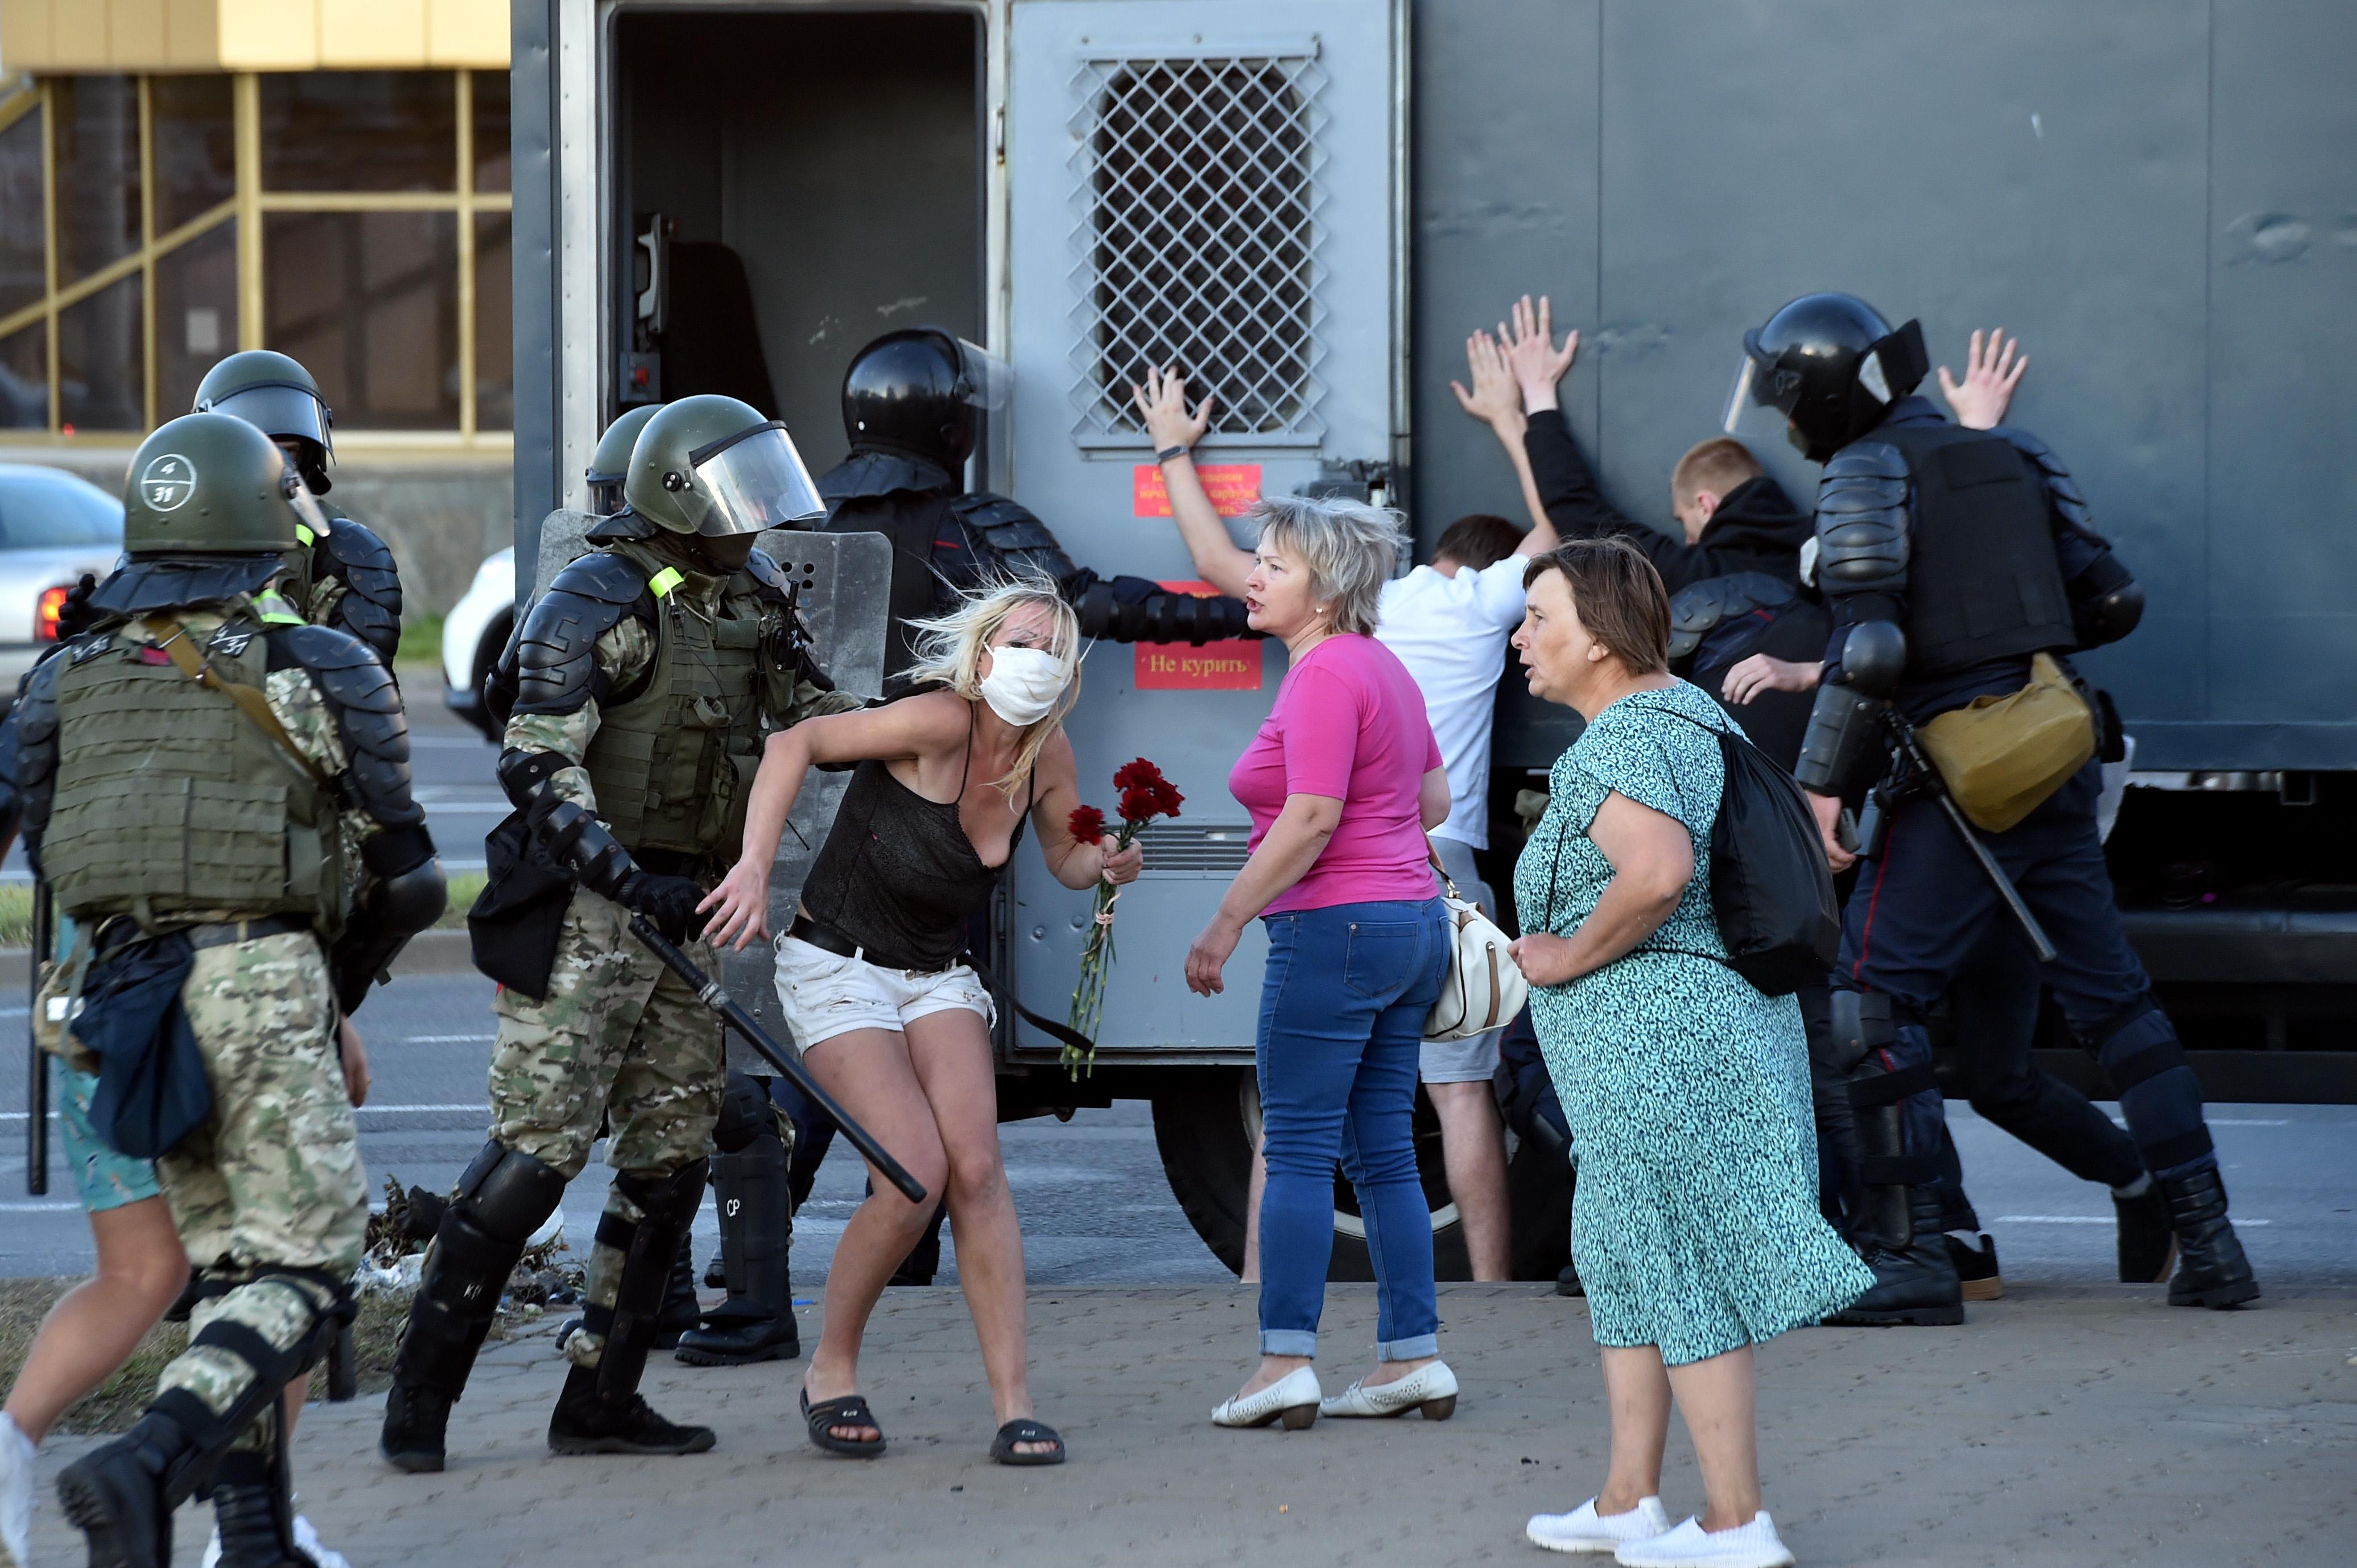 Hatezer embert tartóztathattak már le a fehérorosz kormányellenes tüntetések kezdete óta